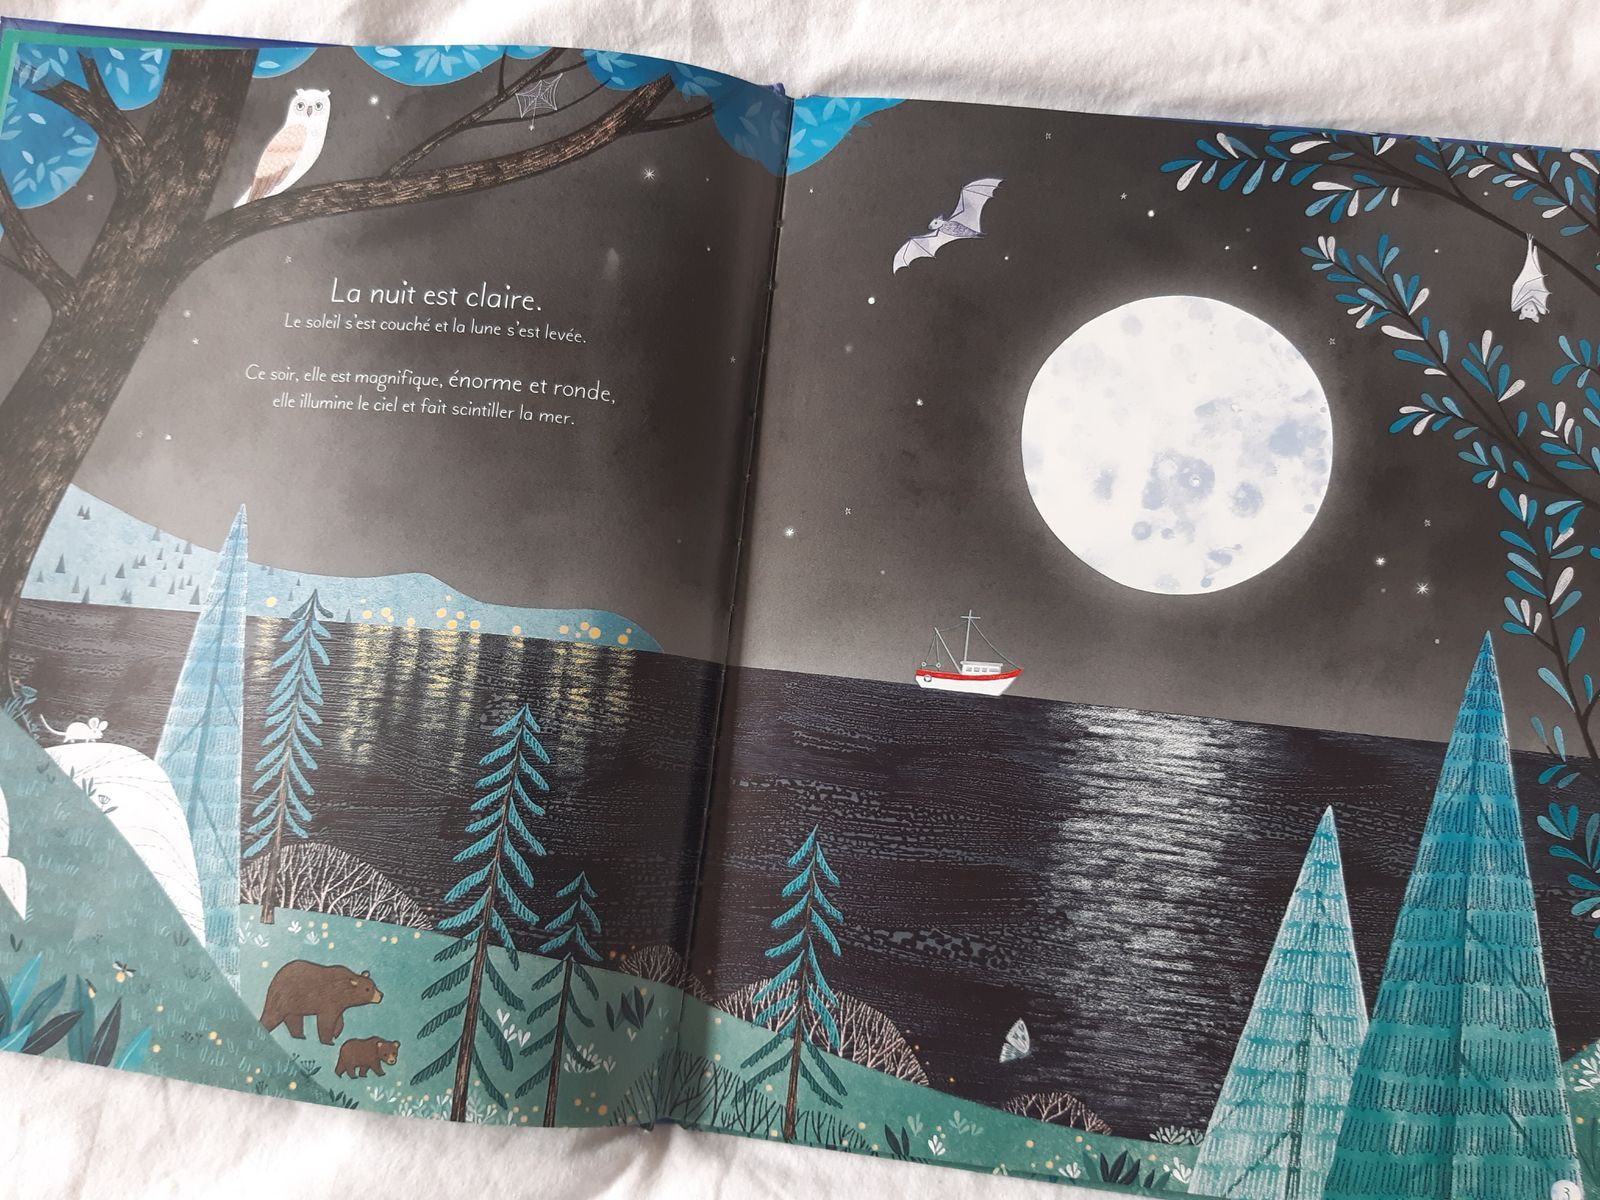 Mon grand livre illustré, la lune